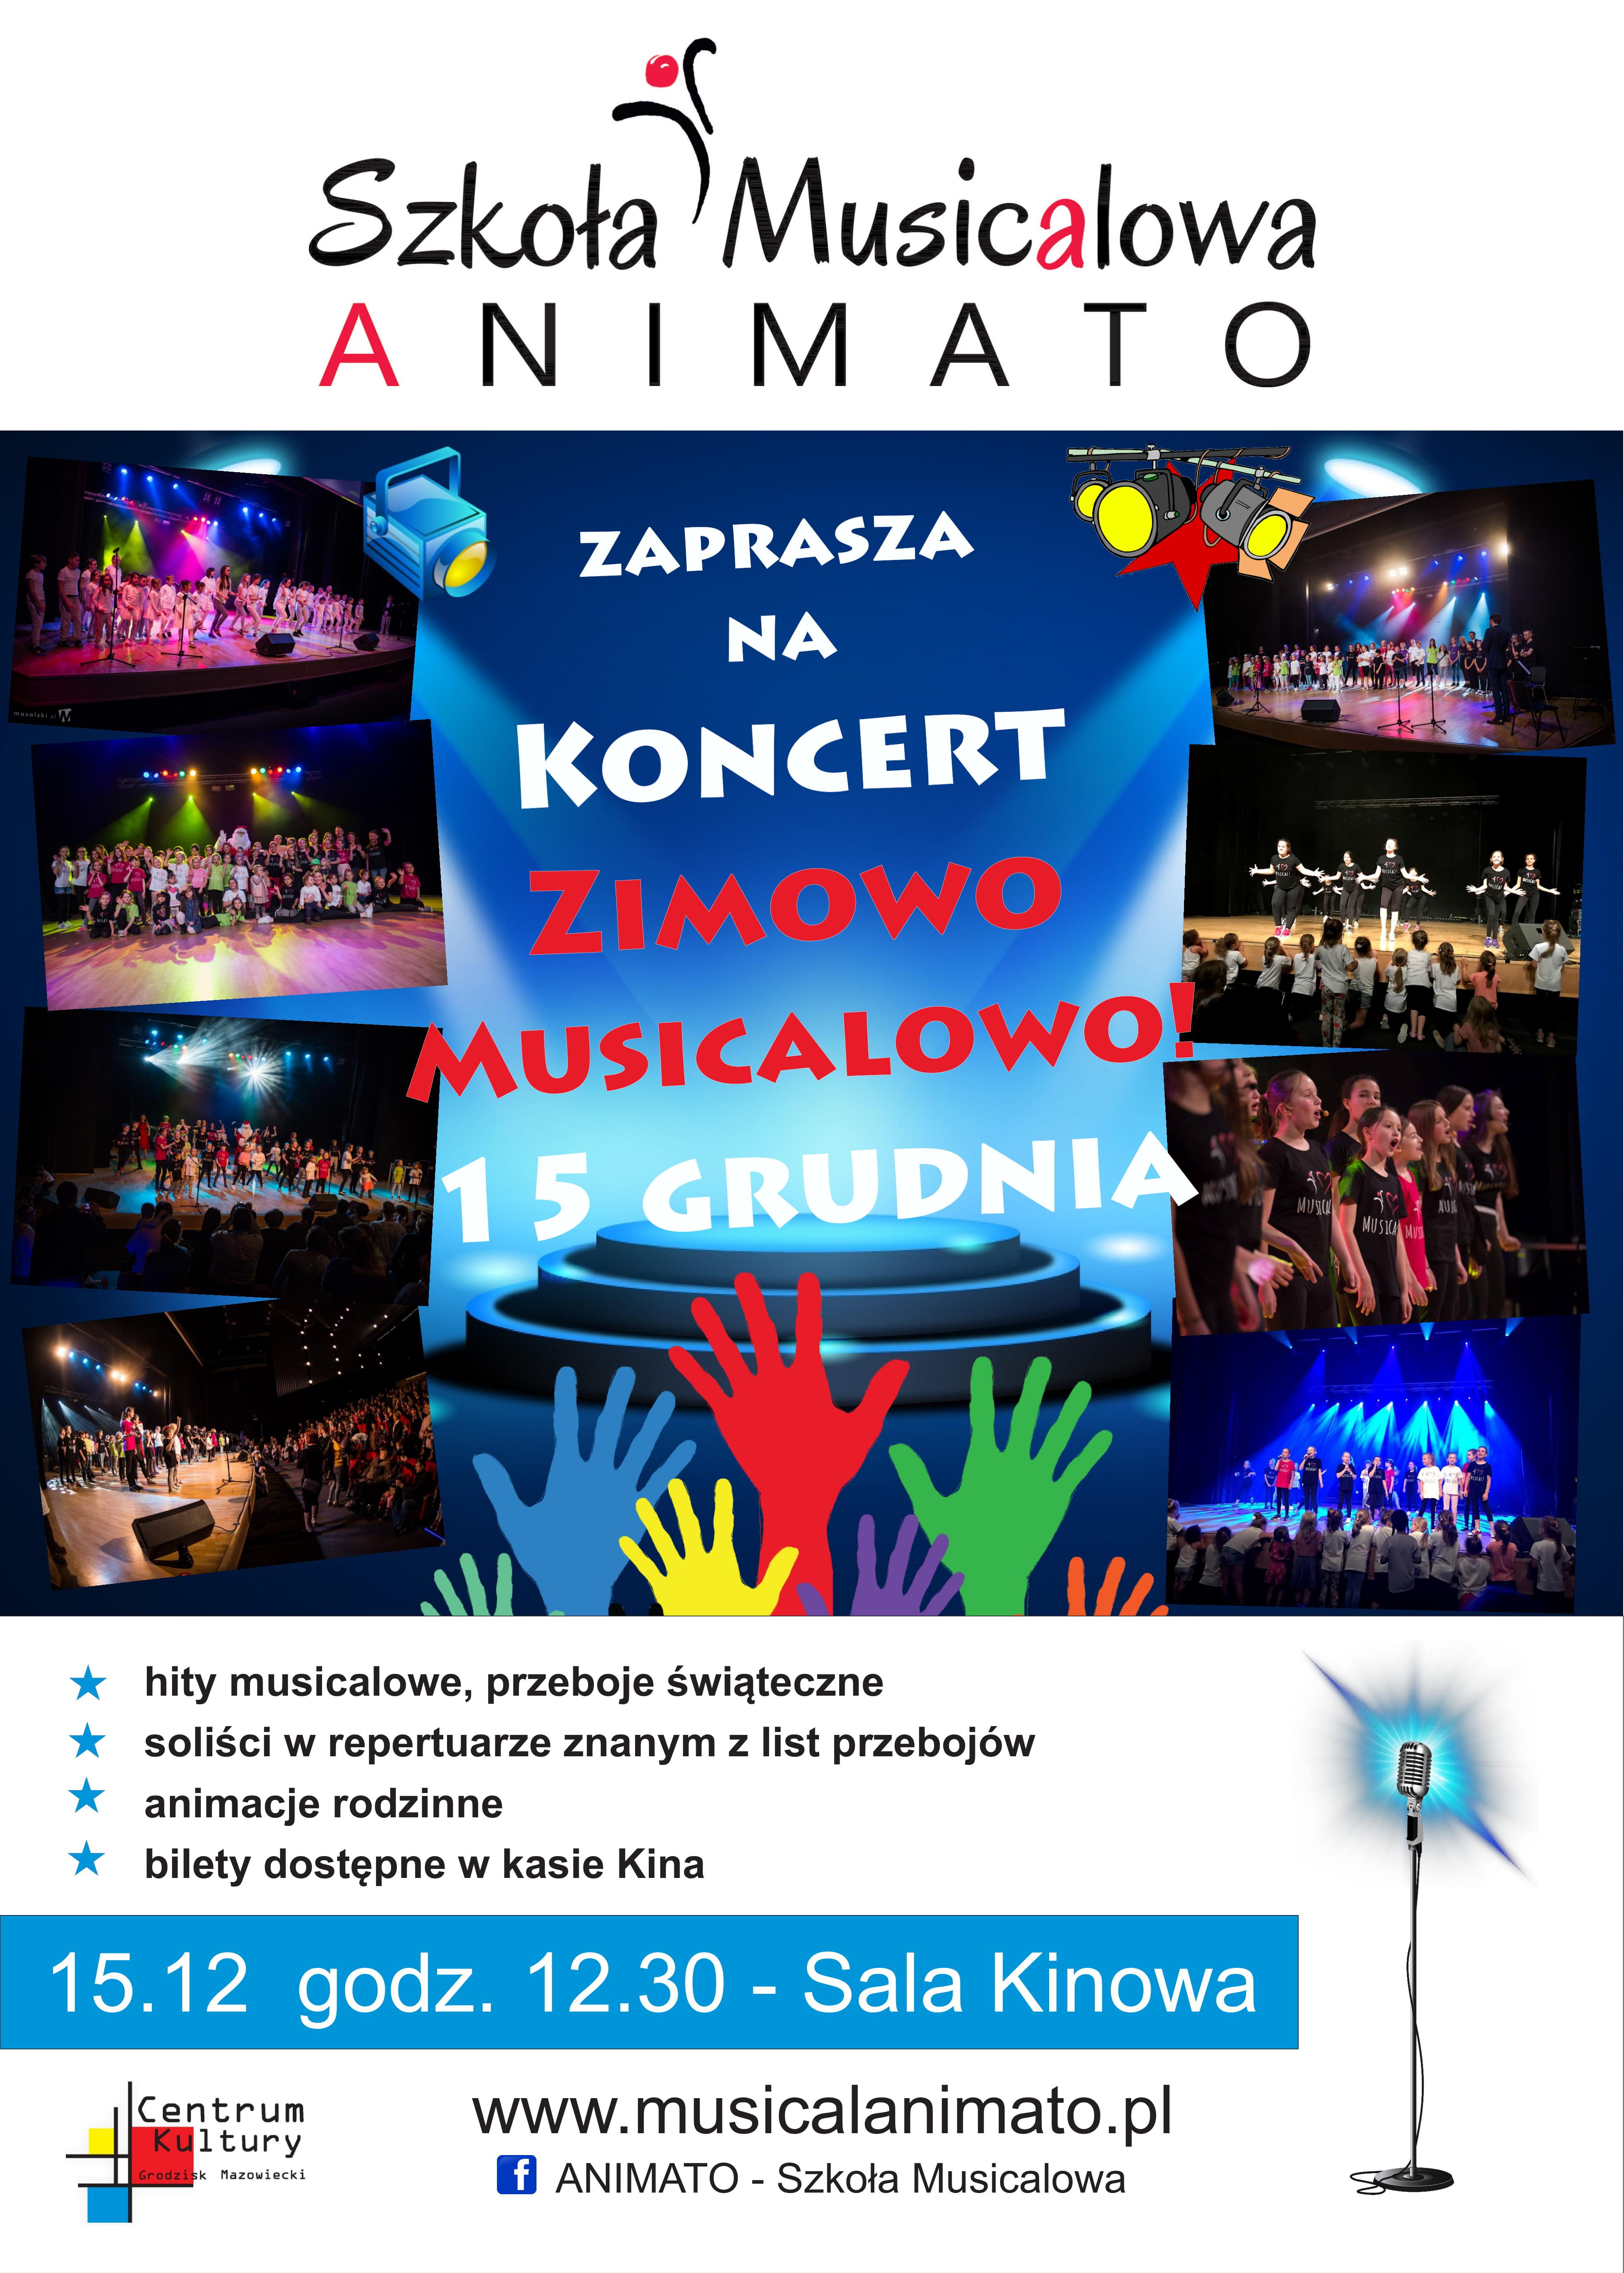 pliki/ckg/grafika/Artykuly/2019/Wrzesien/dla CK_Plakat ANIMATO - zimowo musicalowo 2019-1.jpg